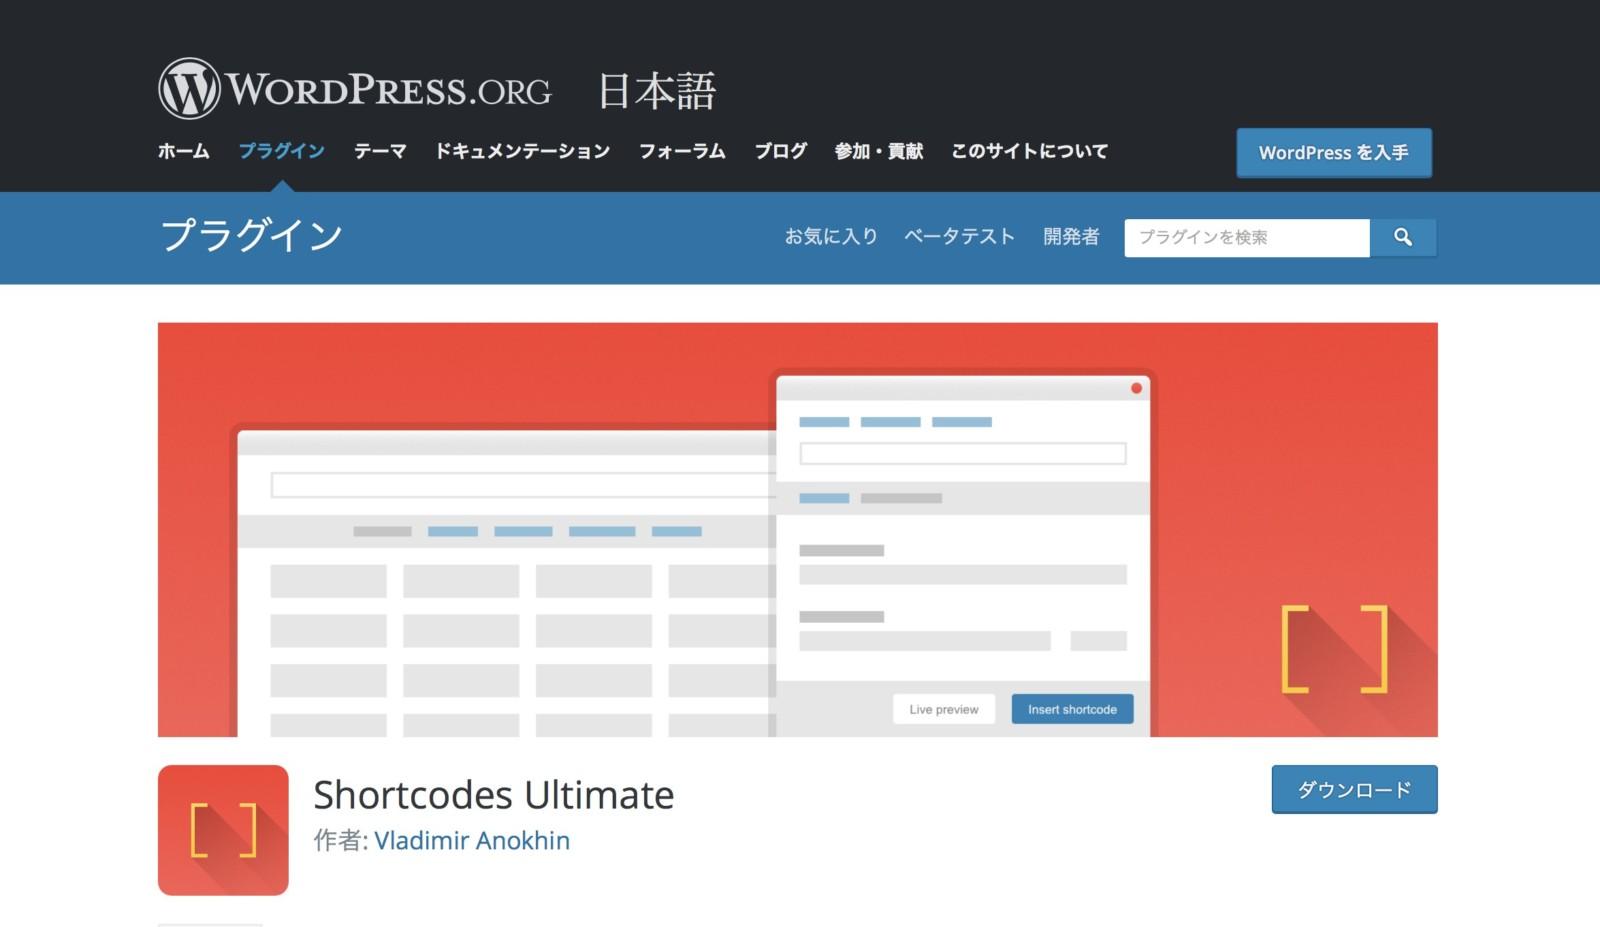 image-SSL対応したらShortcodes UltimateのYouTube動画が表示されなくなった場合の解決法 | WordPressを使ったホームページヒーリングソリューションズ